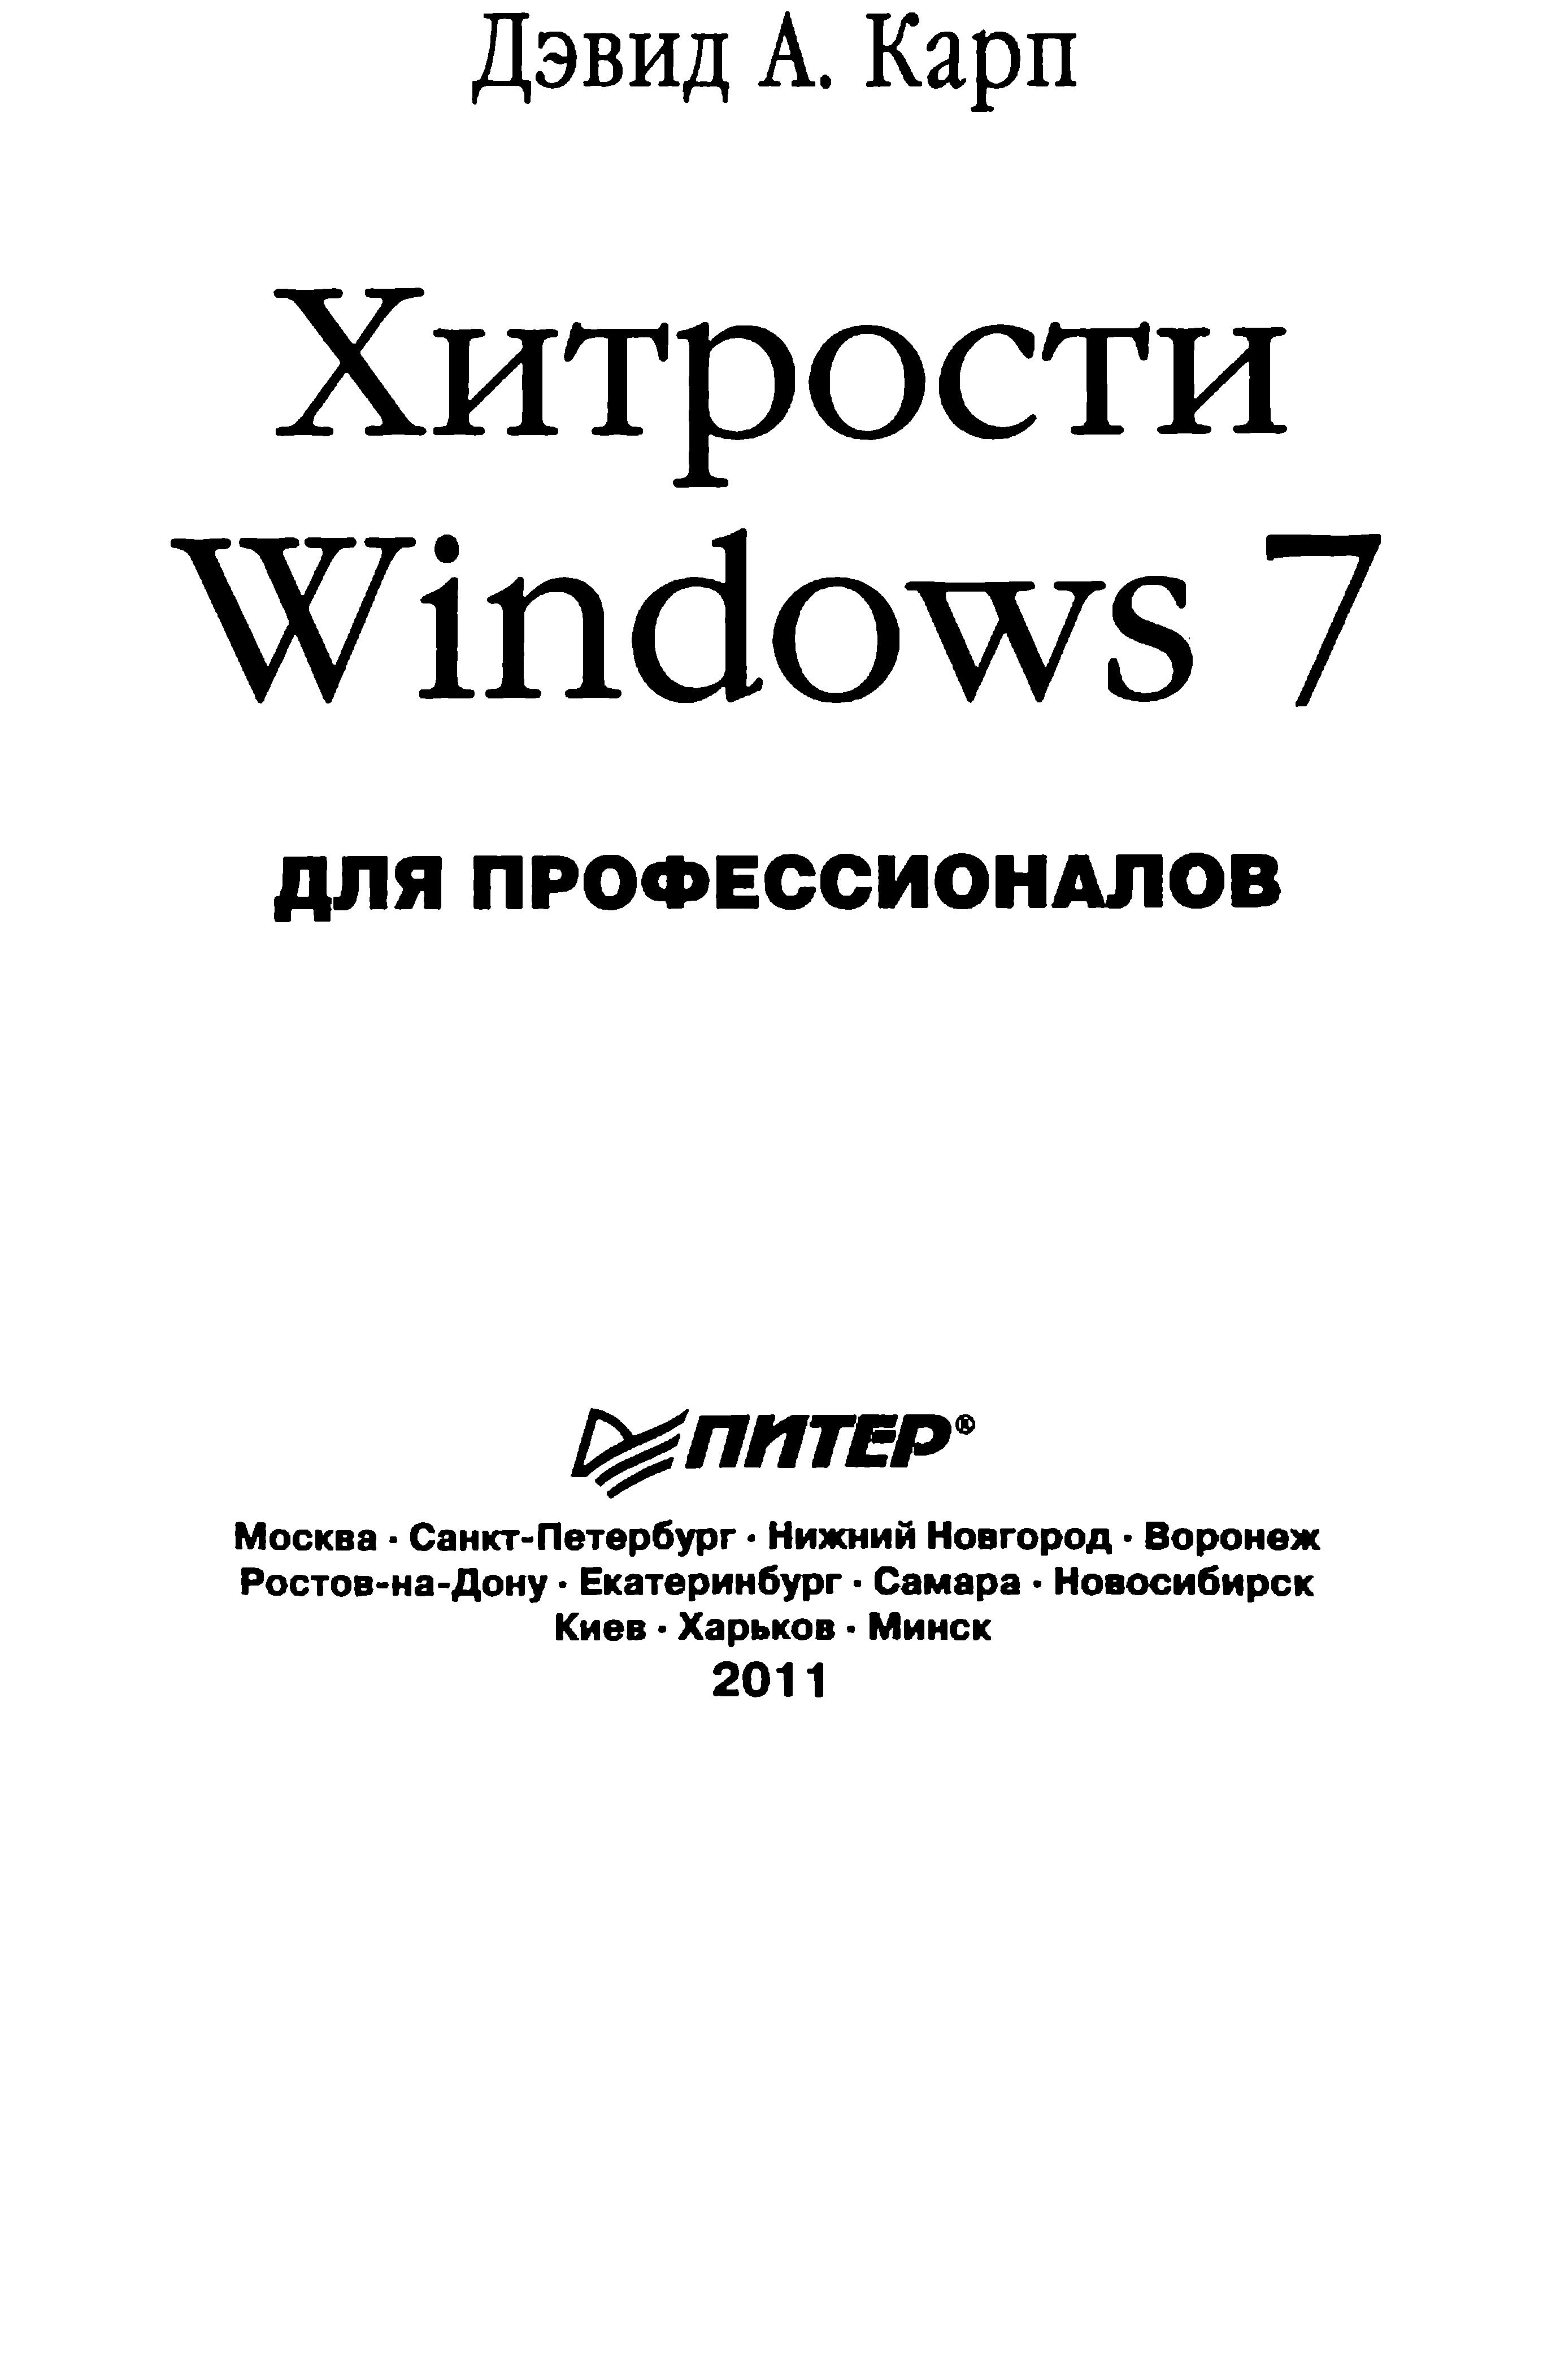 Хитрости Windows 7. Для профессионалов